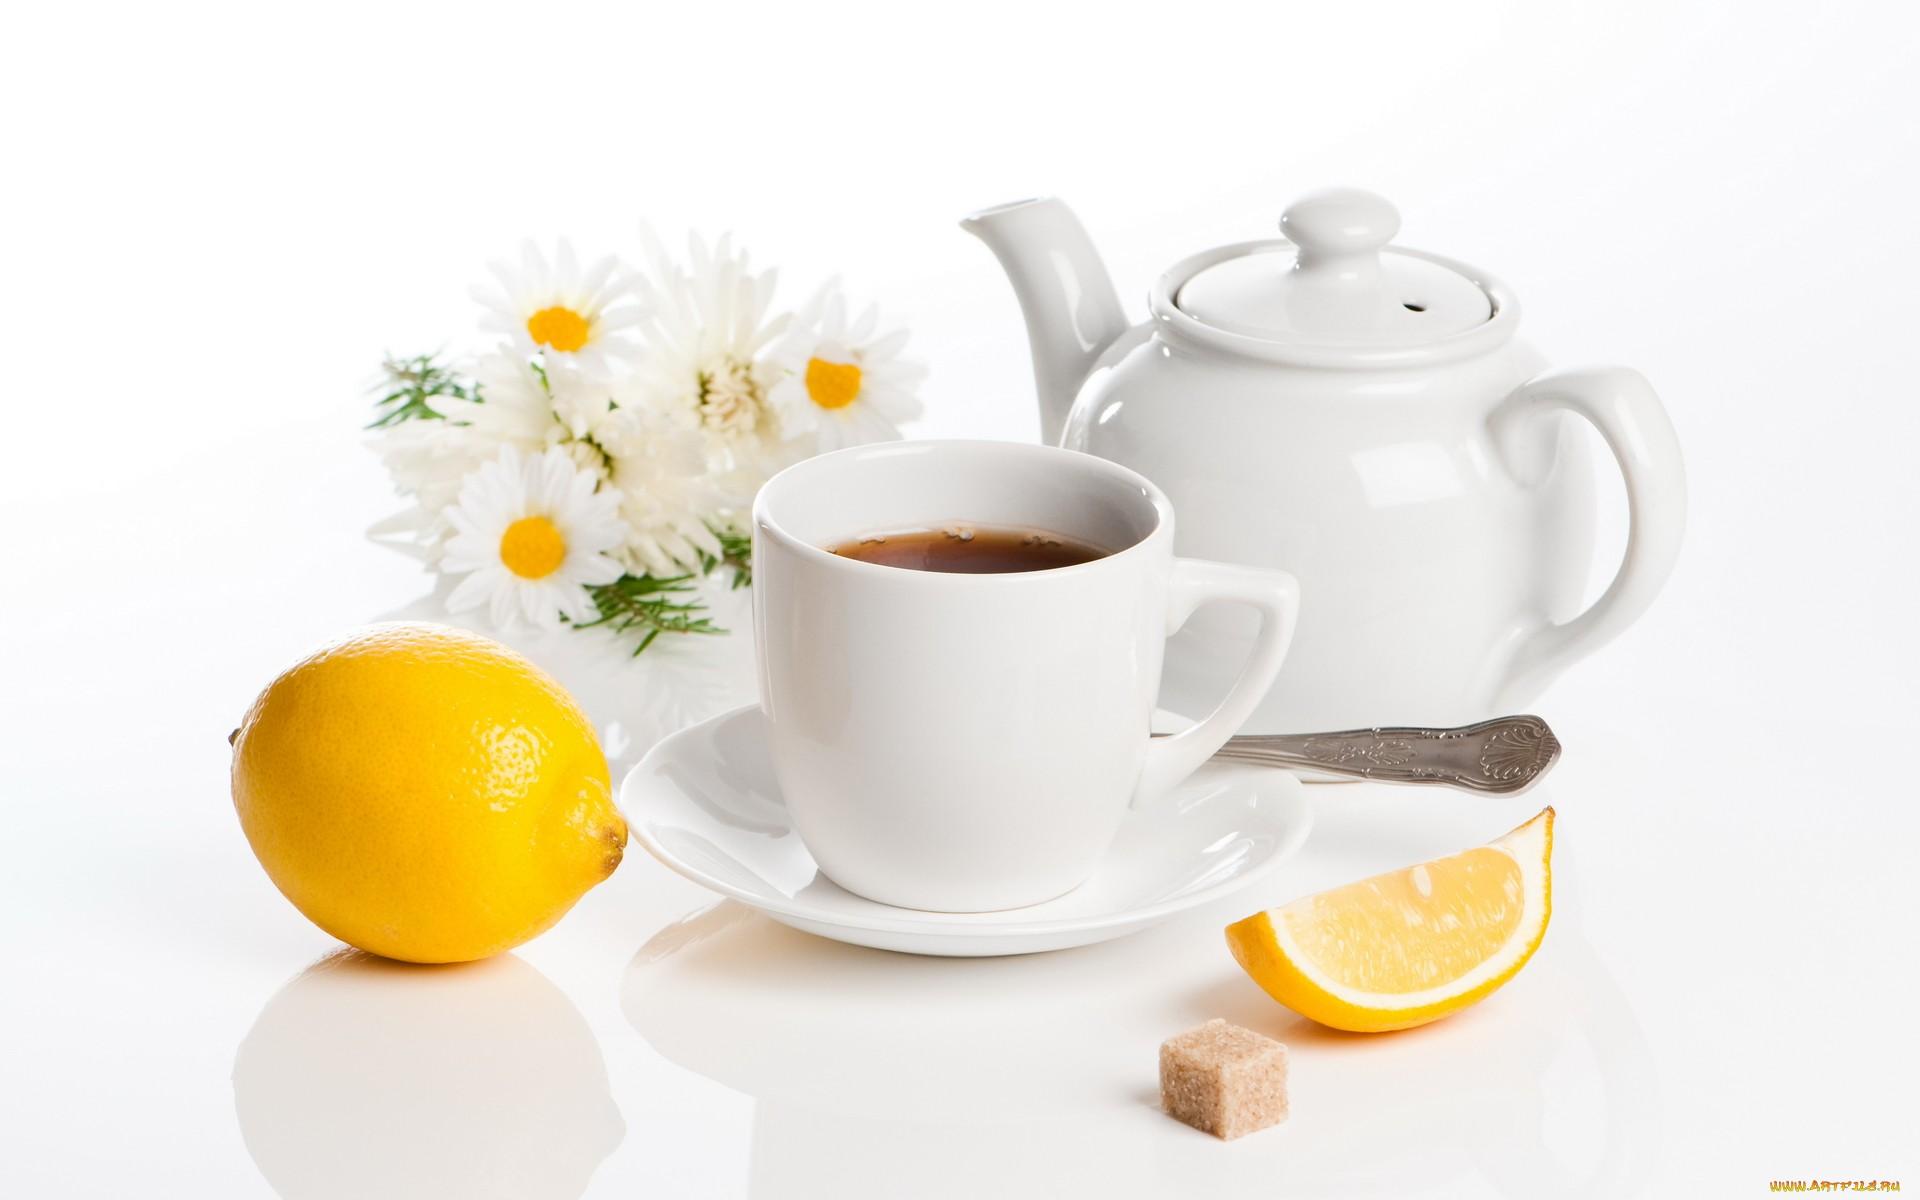 пирожные лимоны чай  № 3678287 загрузить